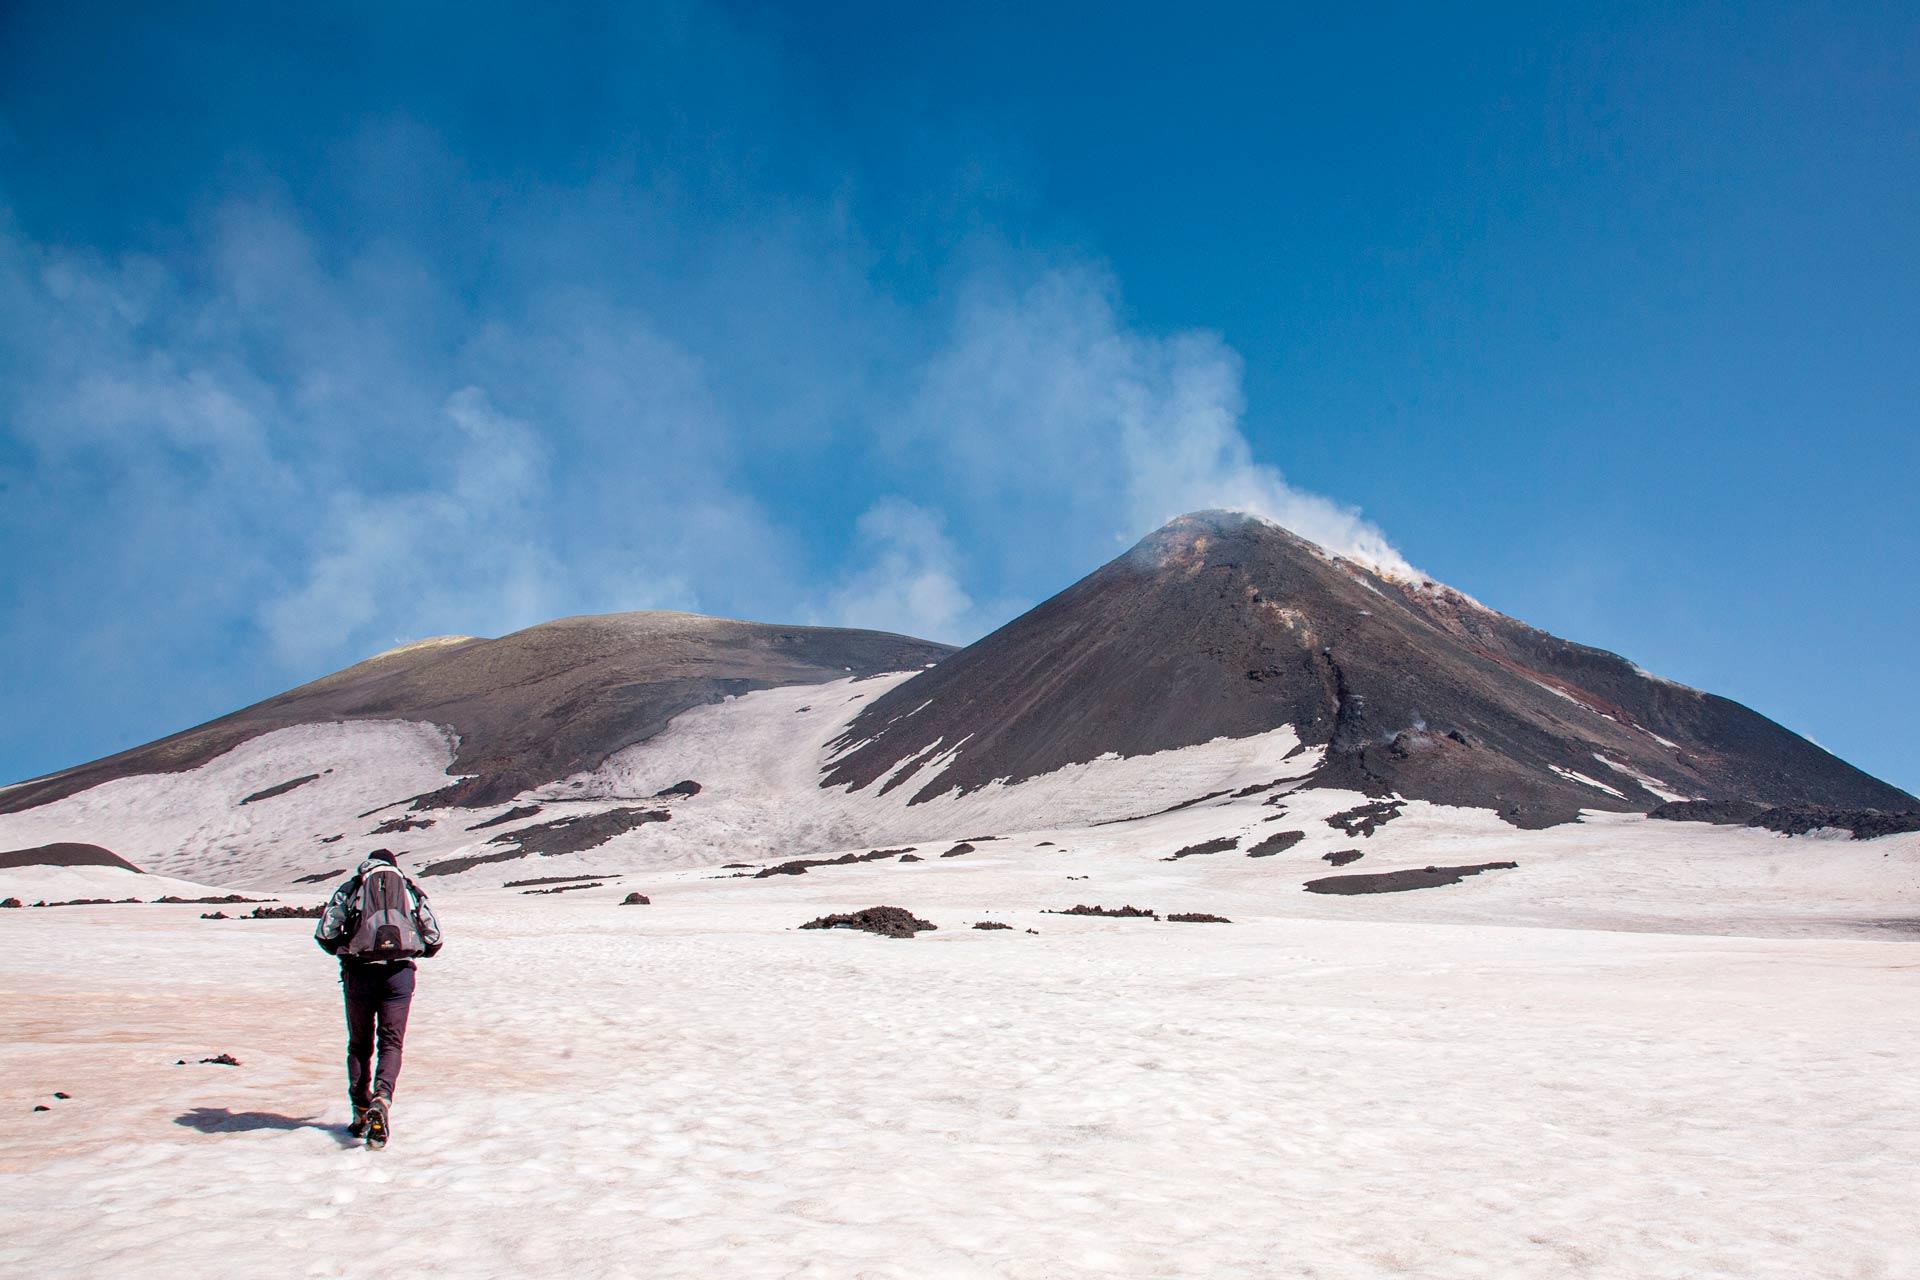 Inizia la scalata a piedi fino alla vetta più alta del vulcano. Veniamo avvolti da una calma surreale, ma sfortunatamente questa calma è costantemente minacciata dalle collere del vulcano.